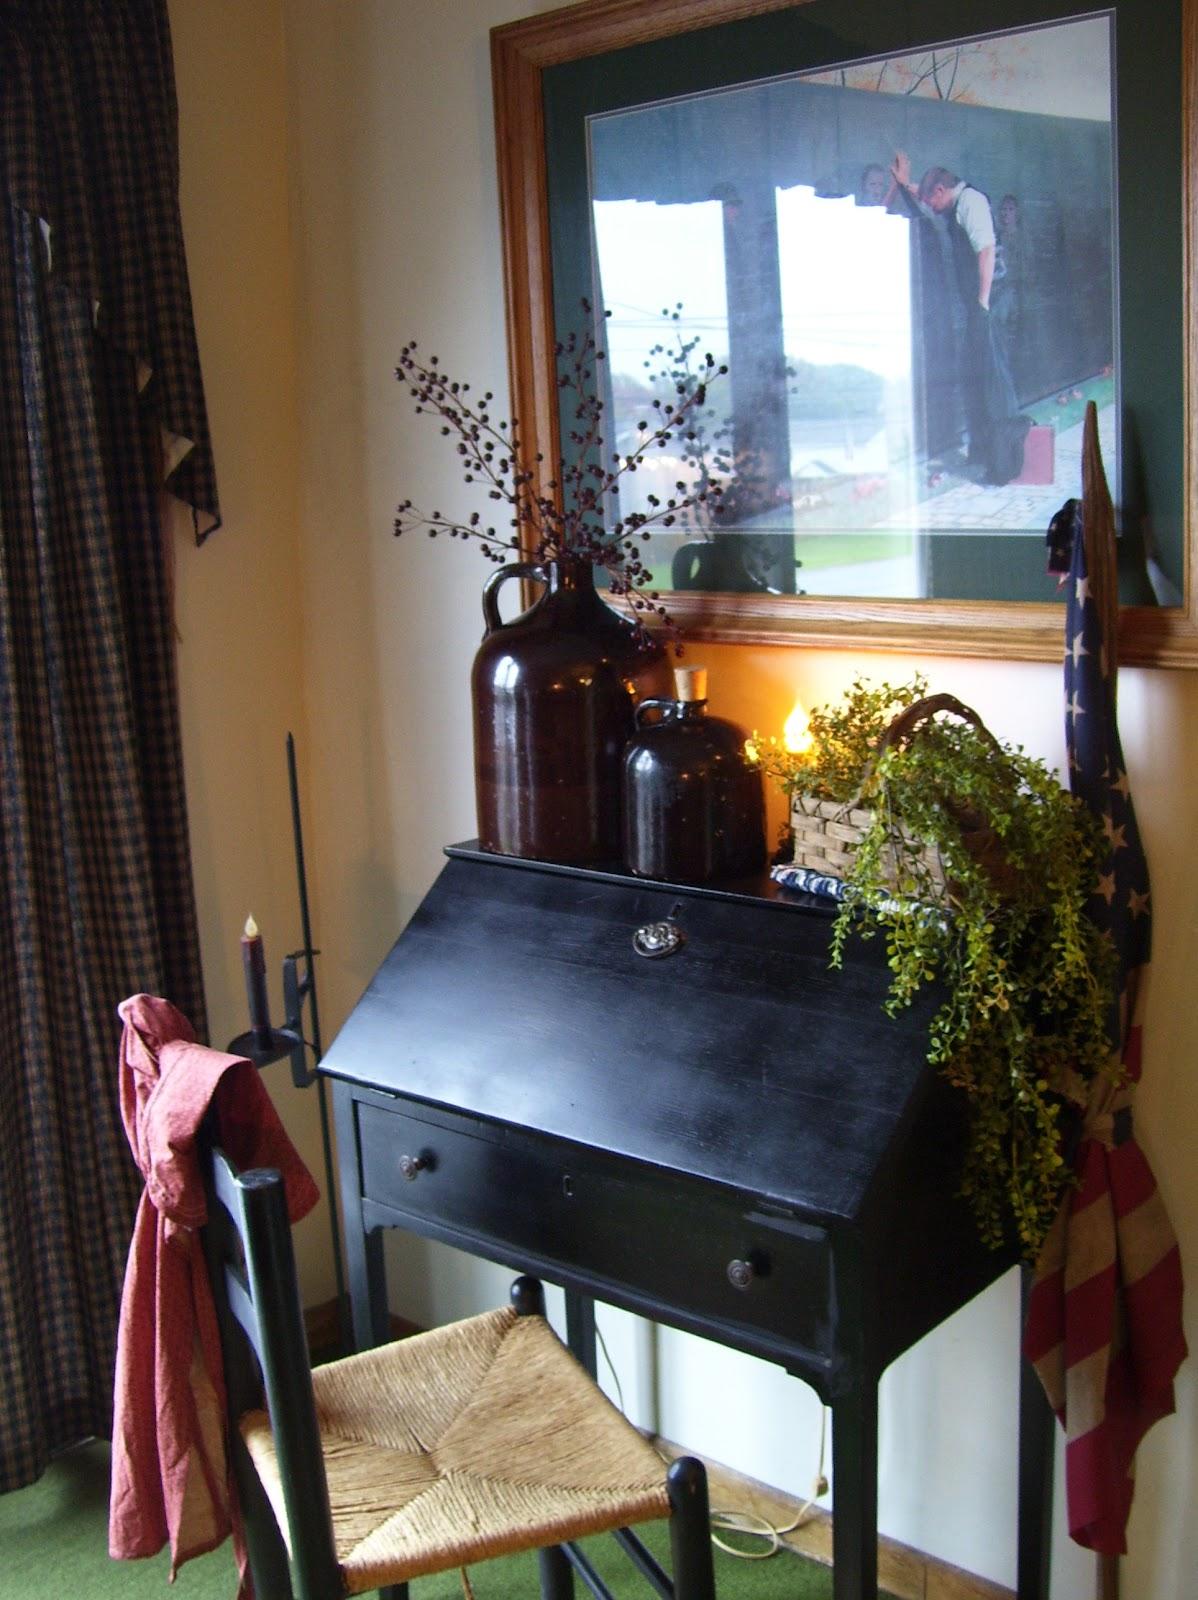 Kountry Porch Primitives Our Little Primitive